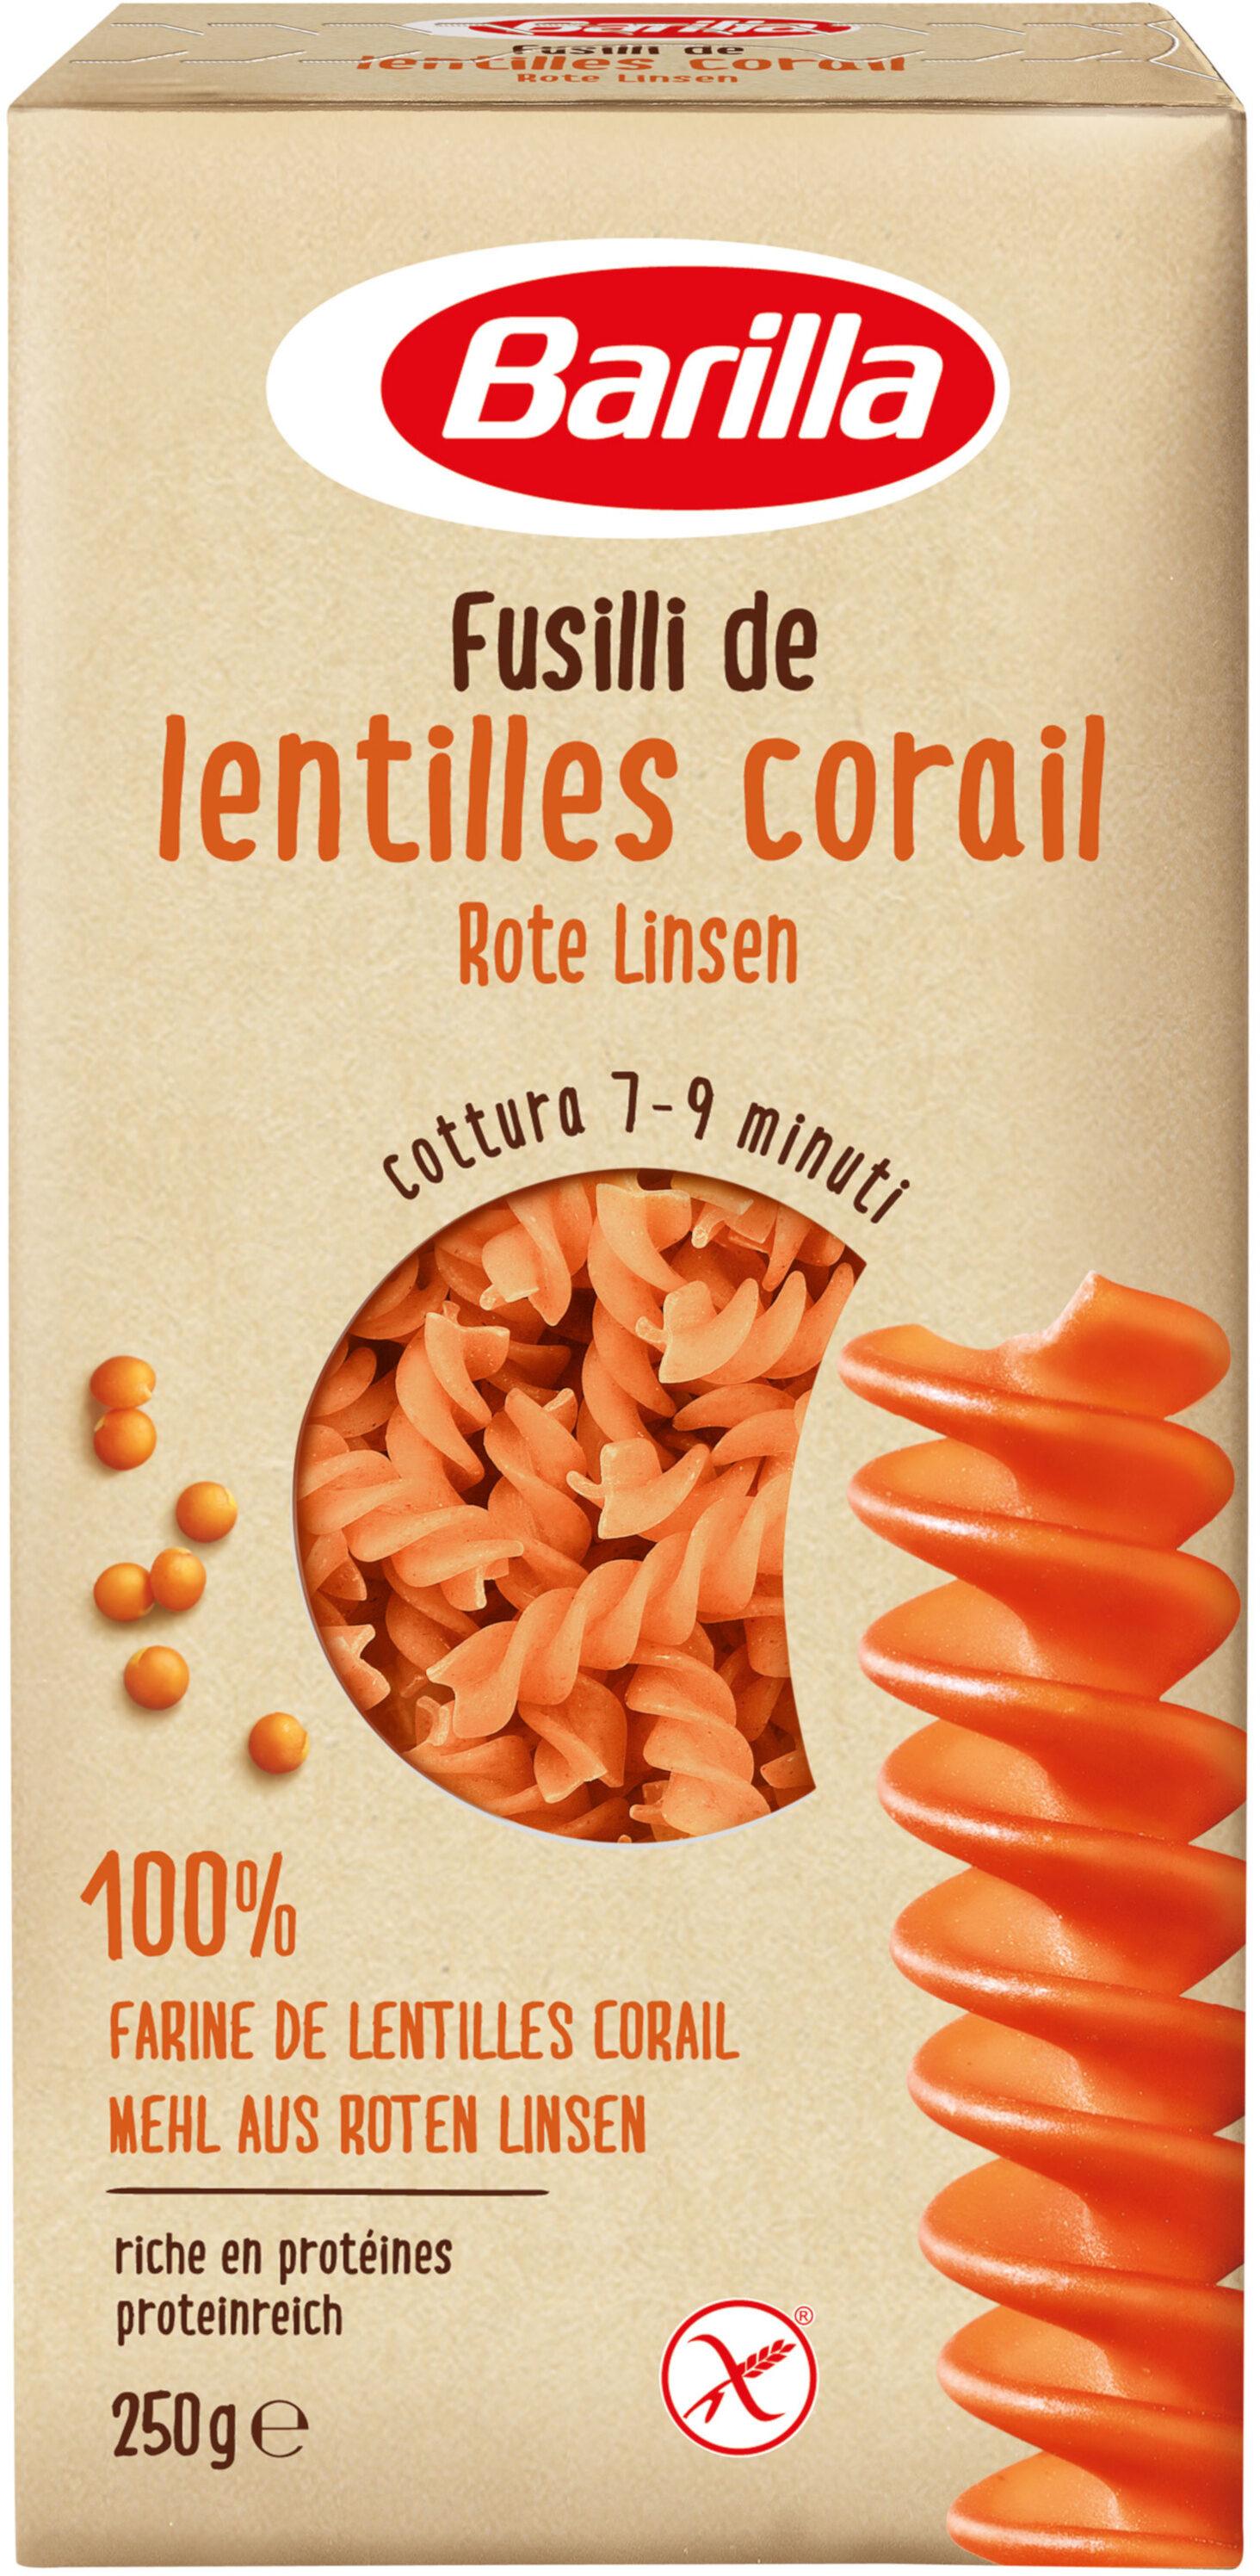 Barilla pâtes fusilli de lentilles corail - Produkt - fr